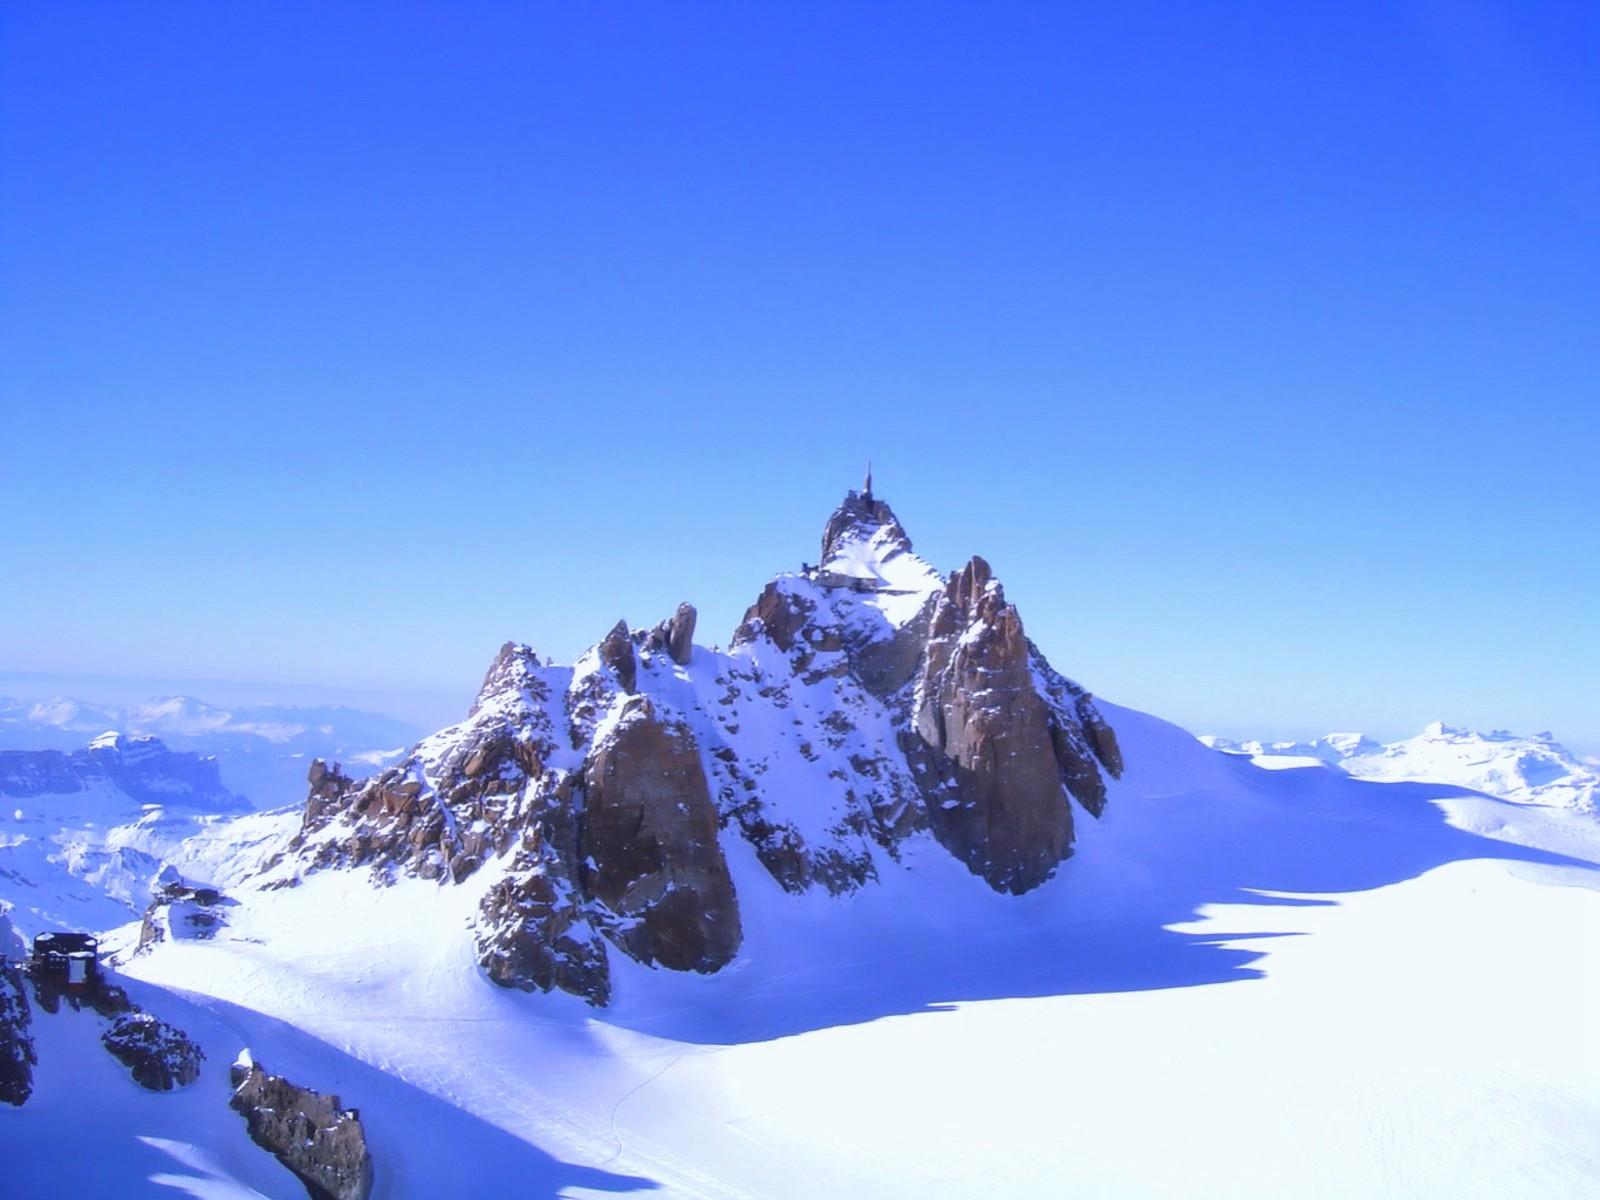 Wallpaper-paysage-montagne-mont-blanc-nature